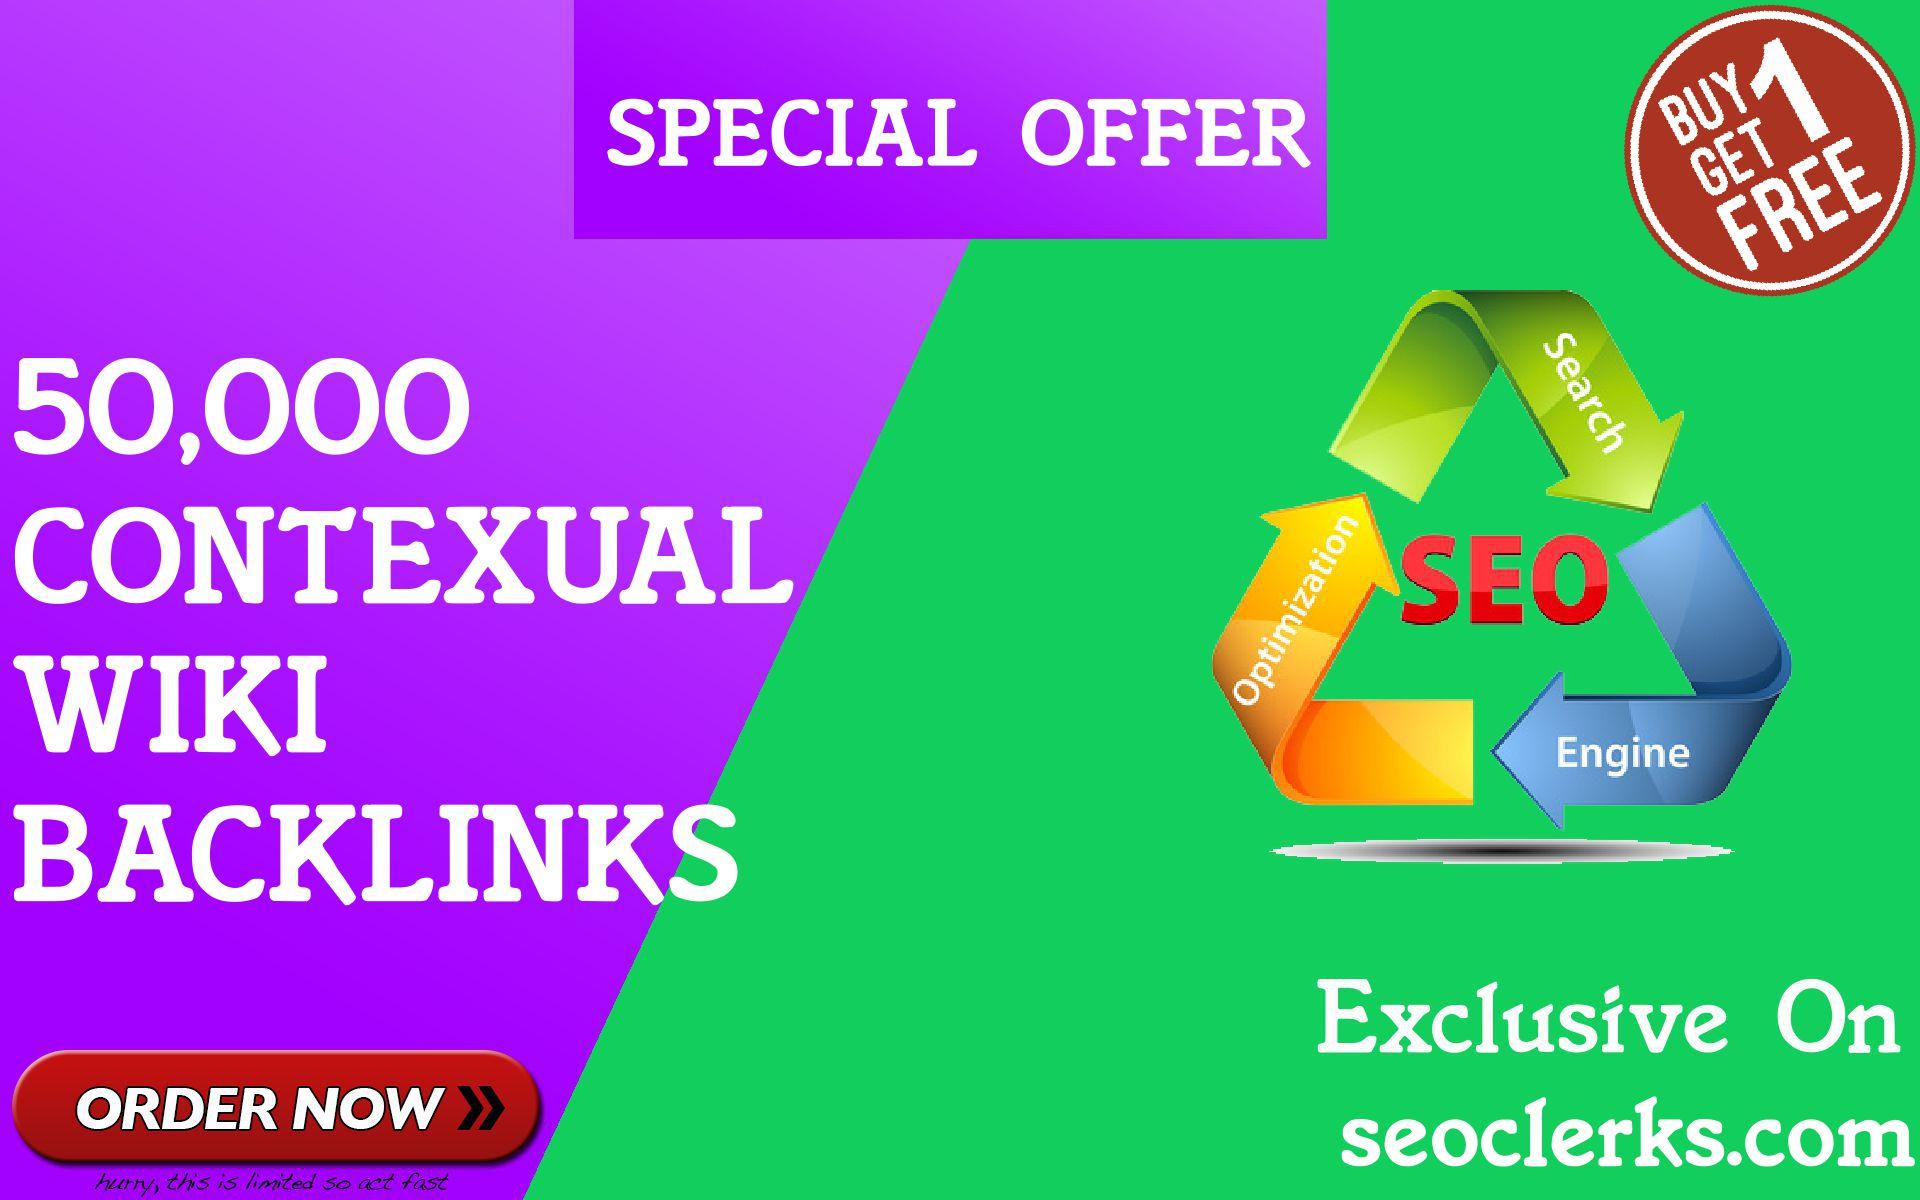 50,000 GSA SER WiKi links for Google SEO